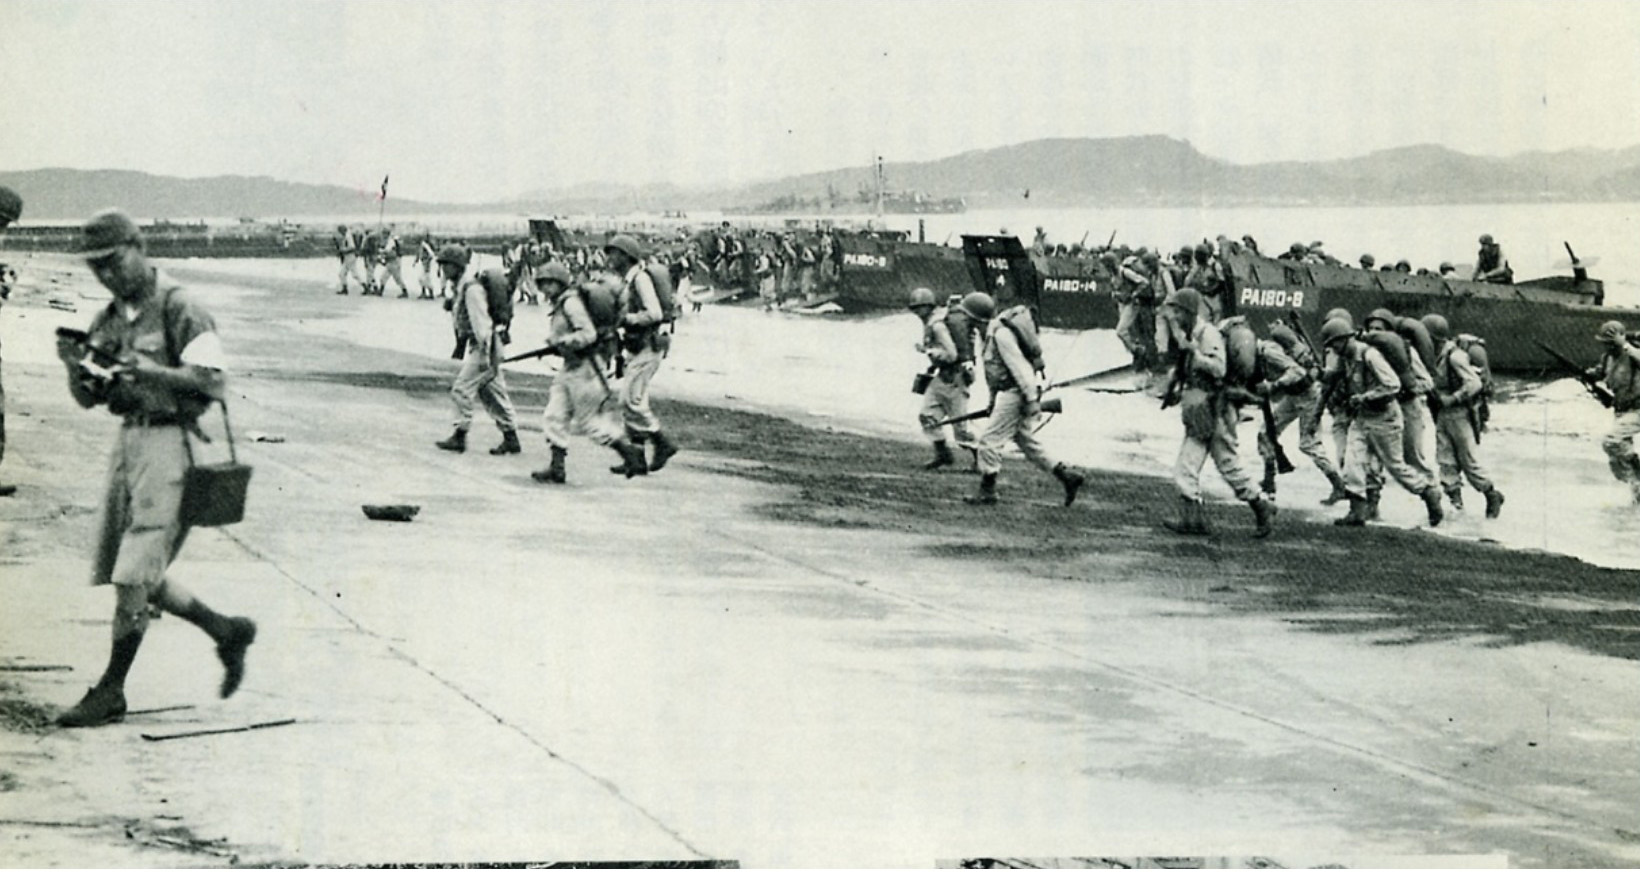 終戦直後館山に上陸する米軍 館山では連合国軍総司令部により4日間の直接軍政が敷かれた